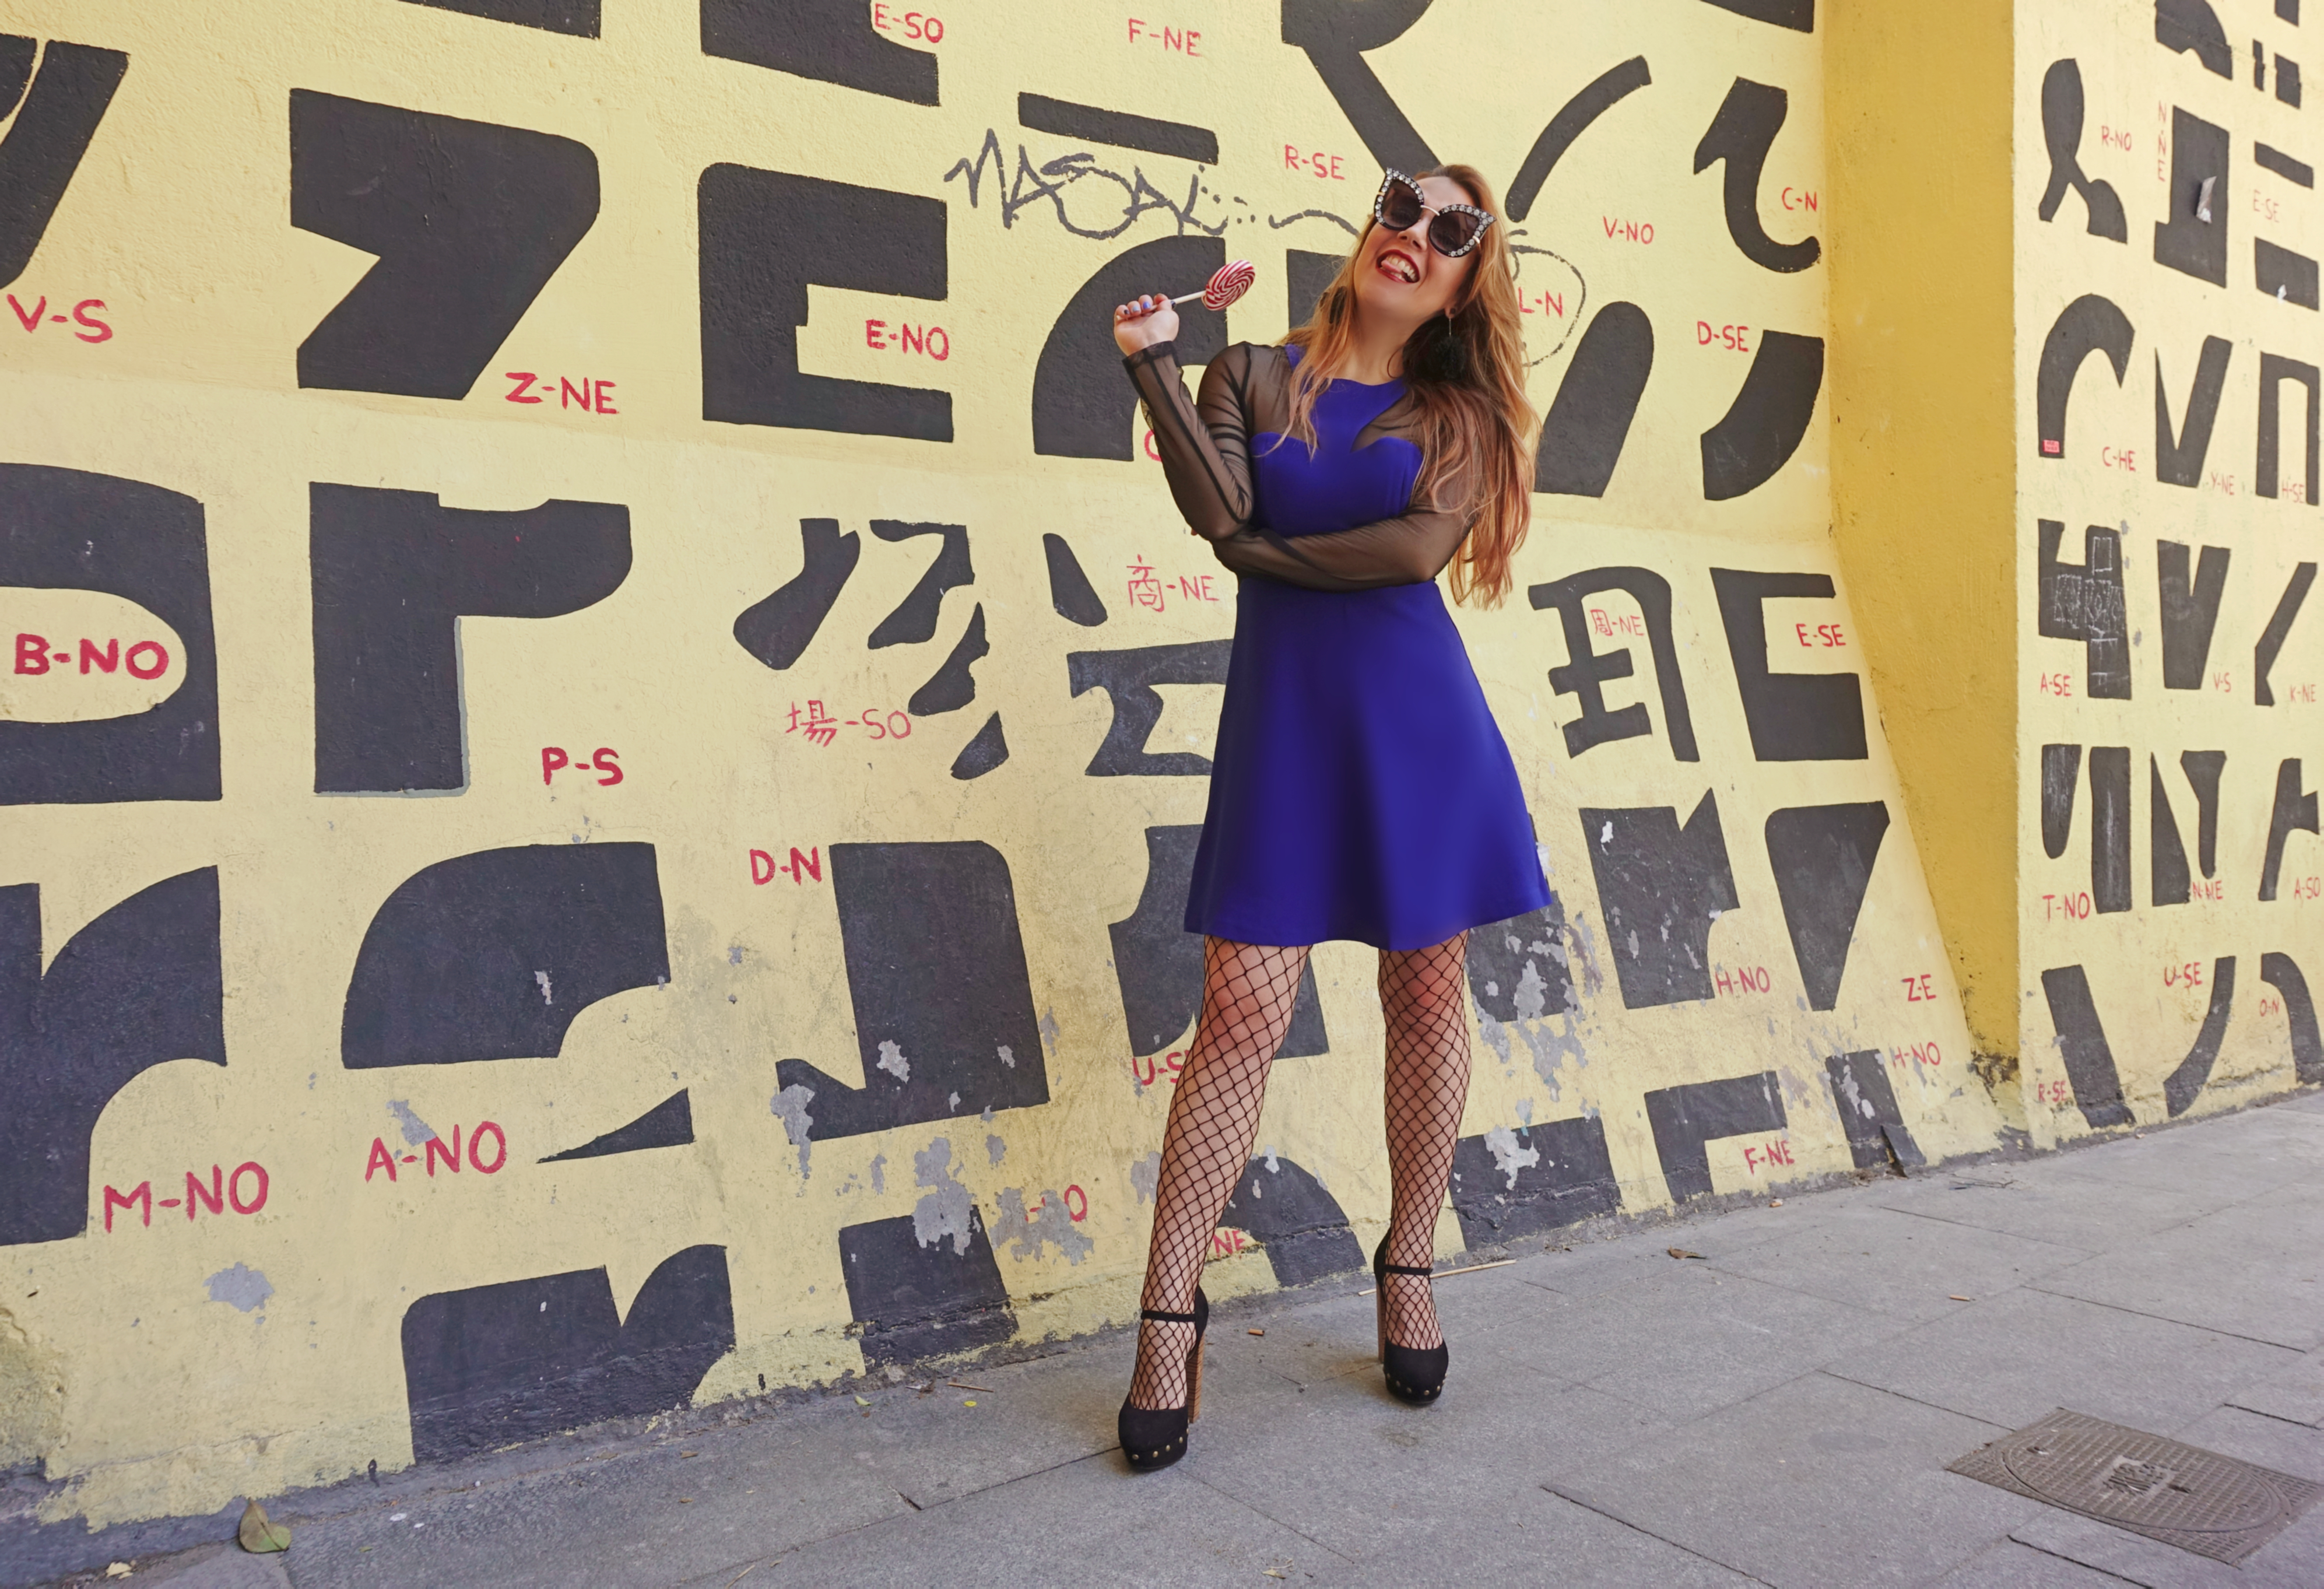 bcbg-showroomprive-ChicAdicta-influencer-madrid-PiensaenChic-blog-de-moda-Chic-Adicta-vestidos-de-verano-Piensa-en-chic